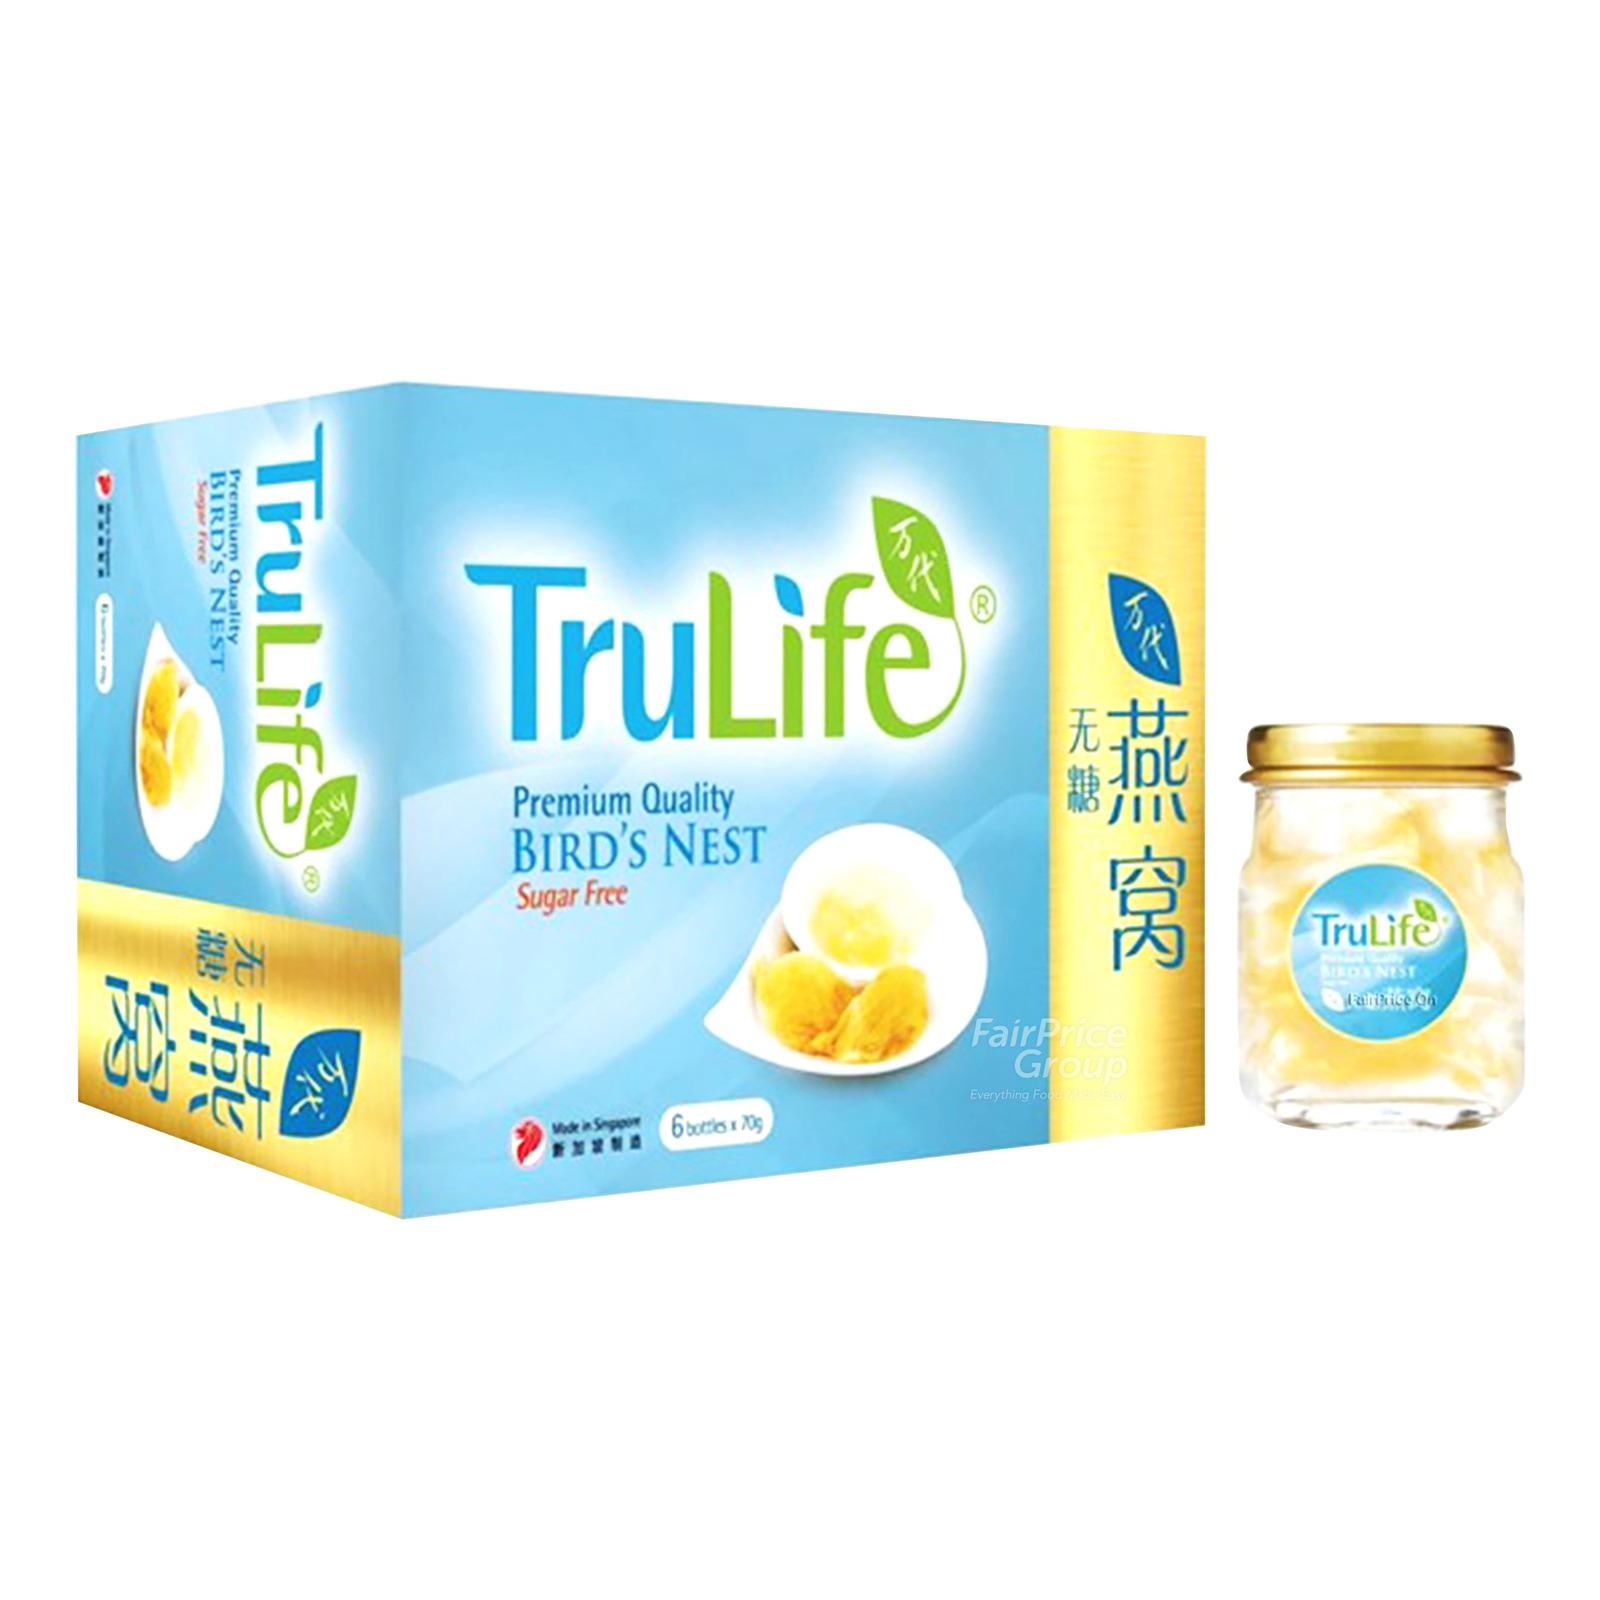 TruLife Premium Quality Bird's Nest - Sugar Free